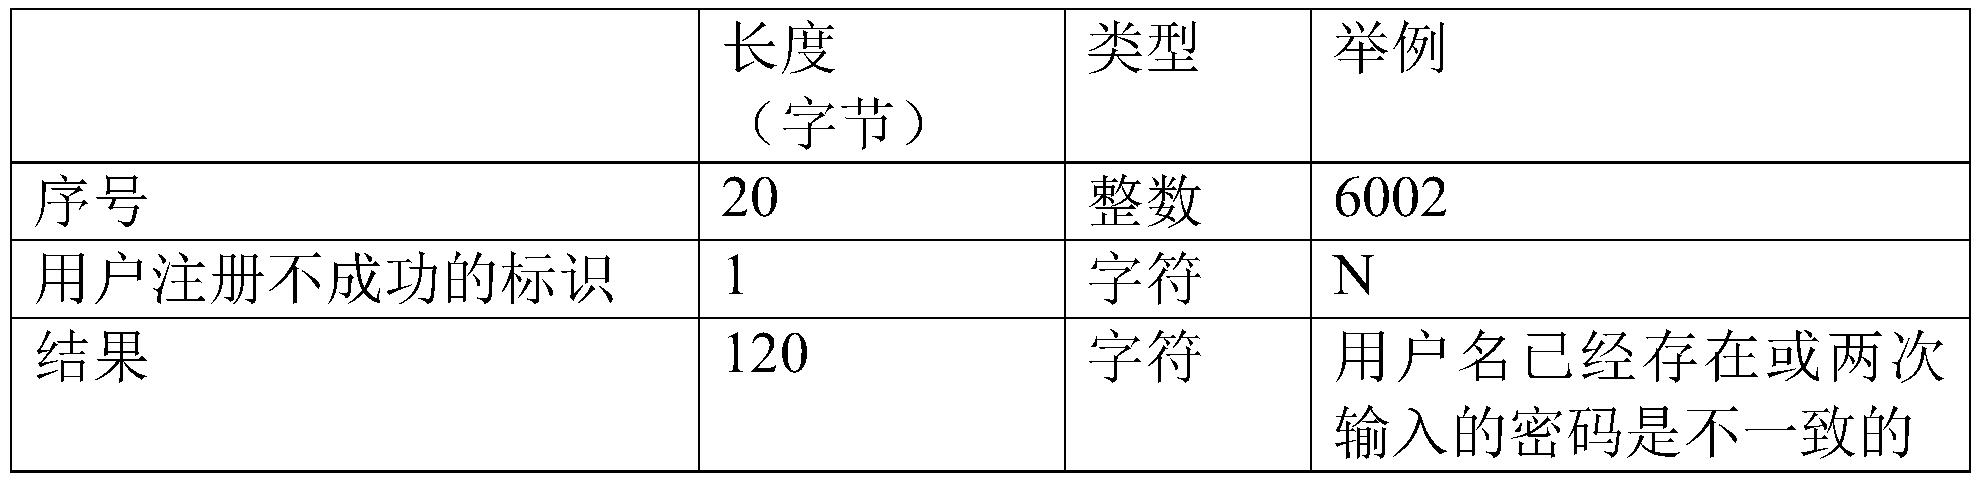 Figure PCTCN2017071103-appb-000001